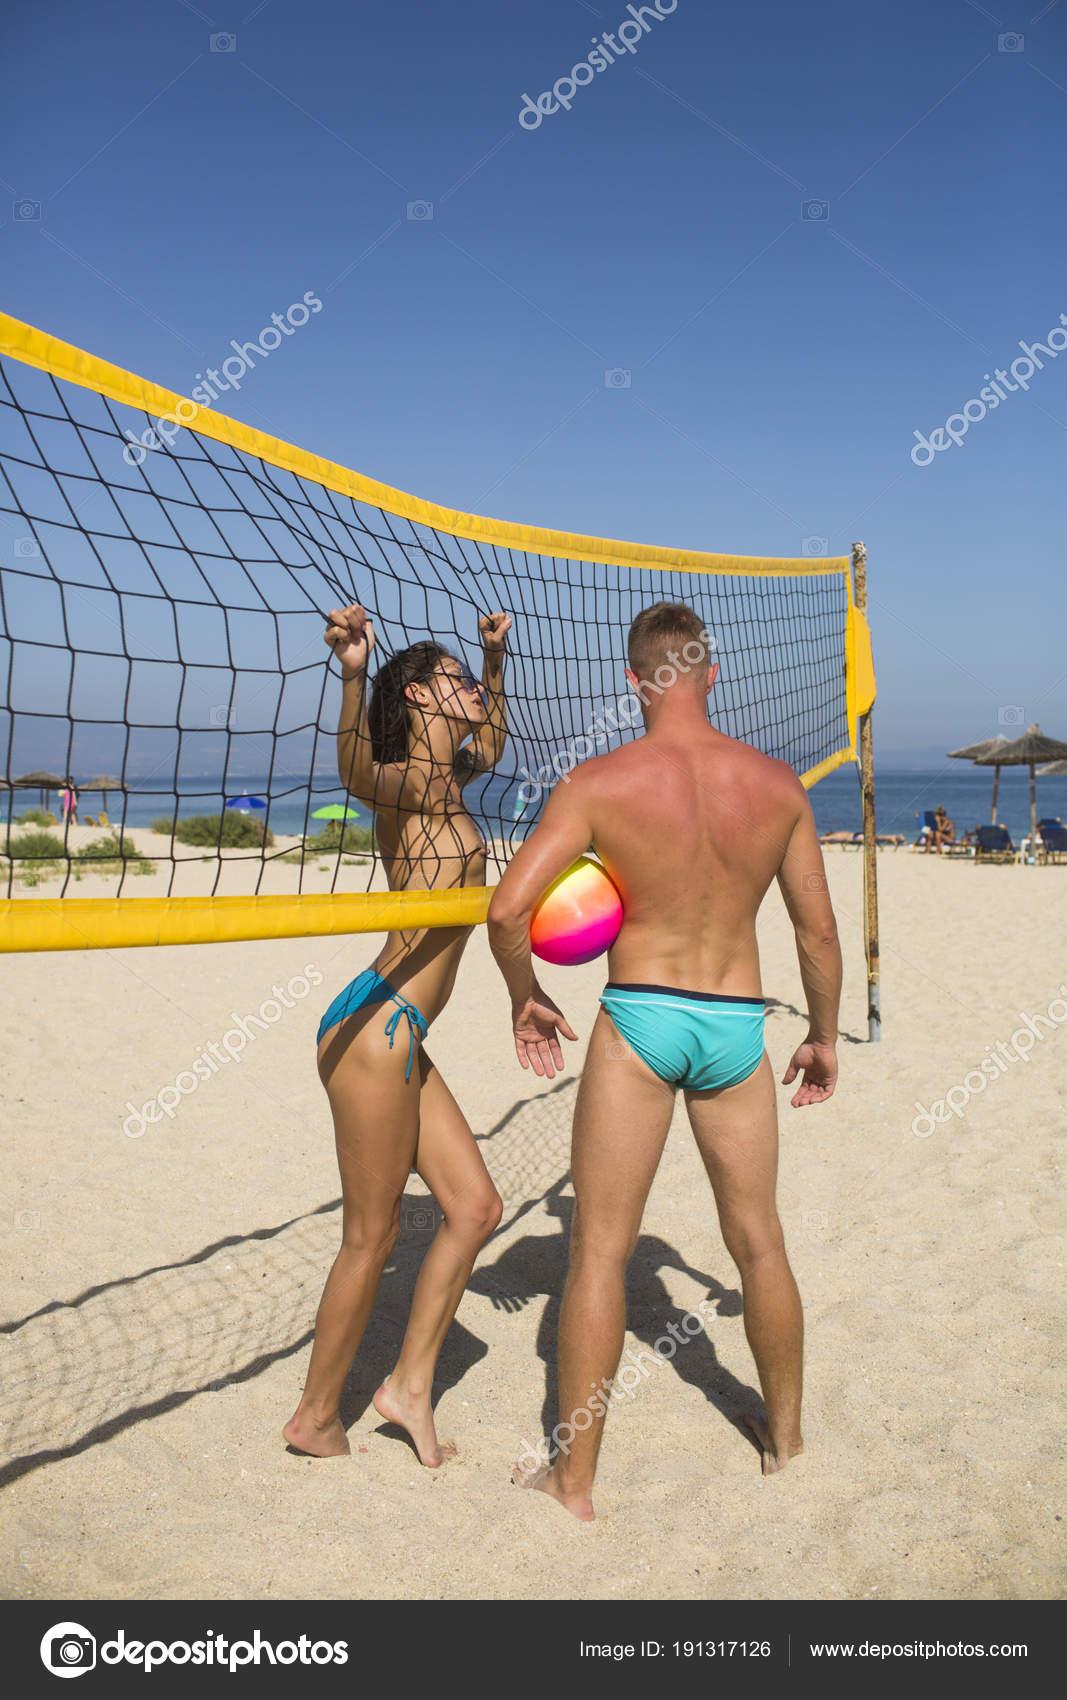 f36e6d7aa0380 Par divertirse jugando voleibol. Joven pareja activo deportivo parado cerca  de la red del voleibol